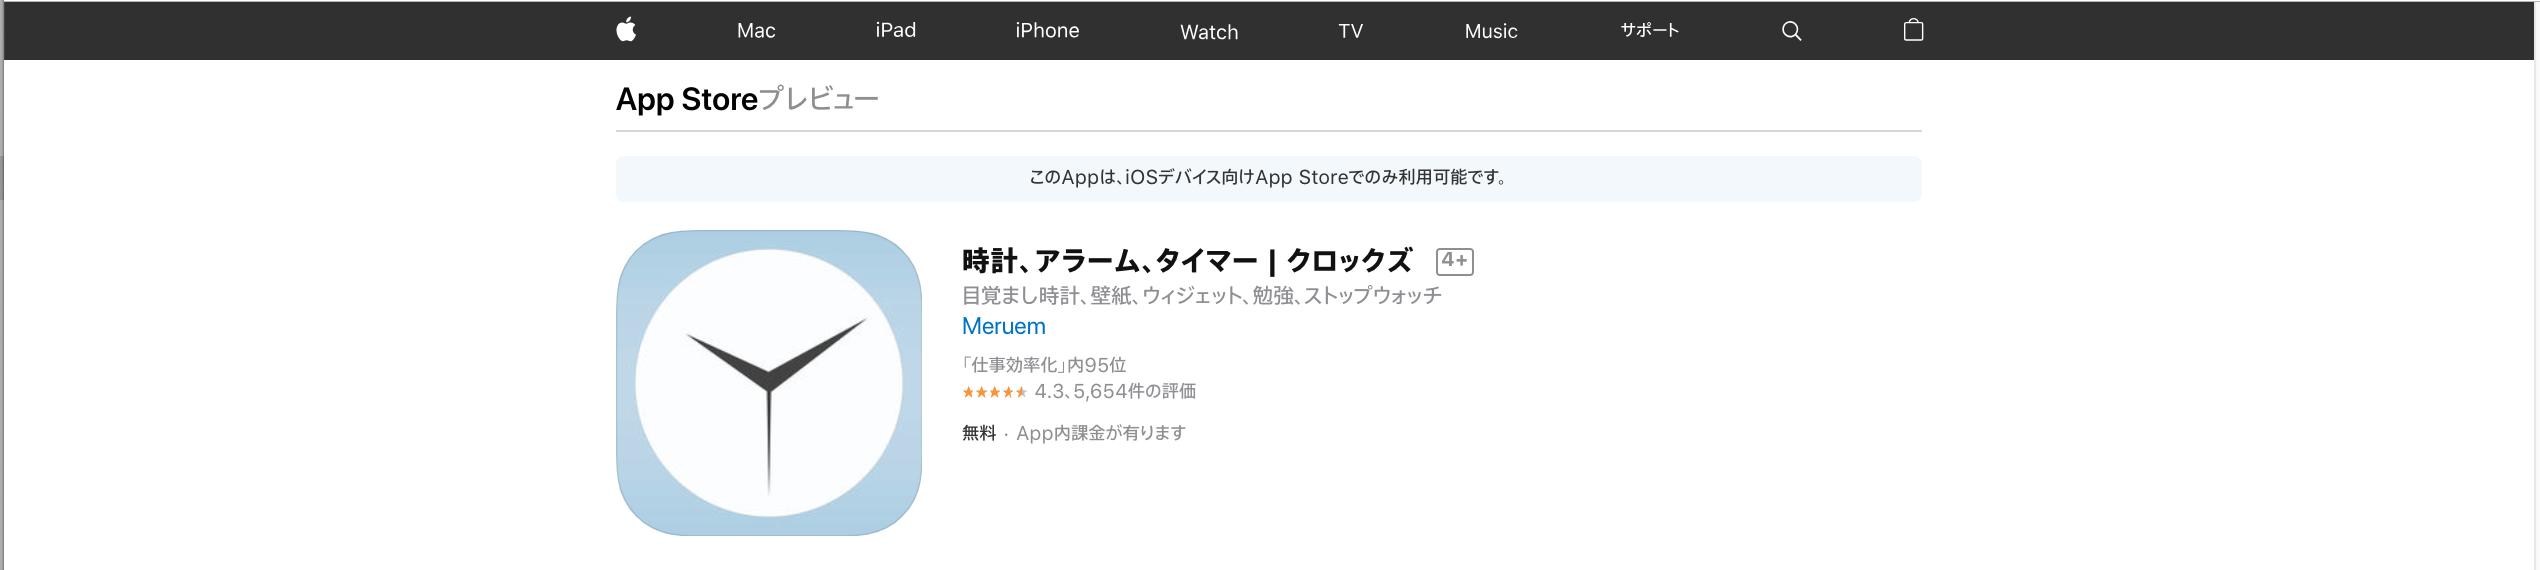 Iphoneの時計の秒数確認方法 ロック画面はウィジェットで表示させよう